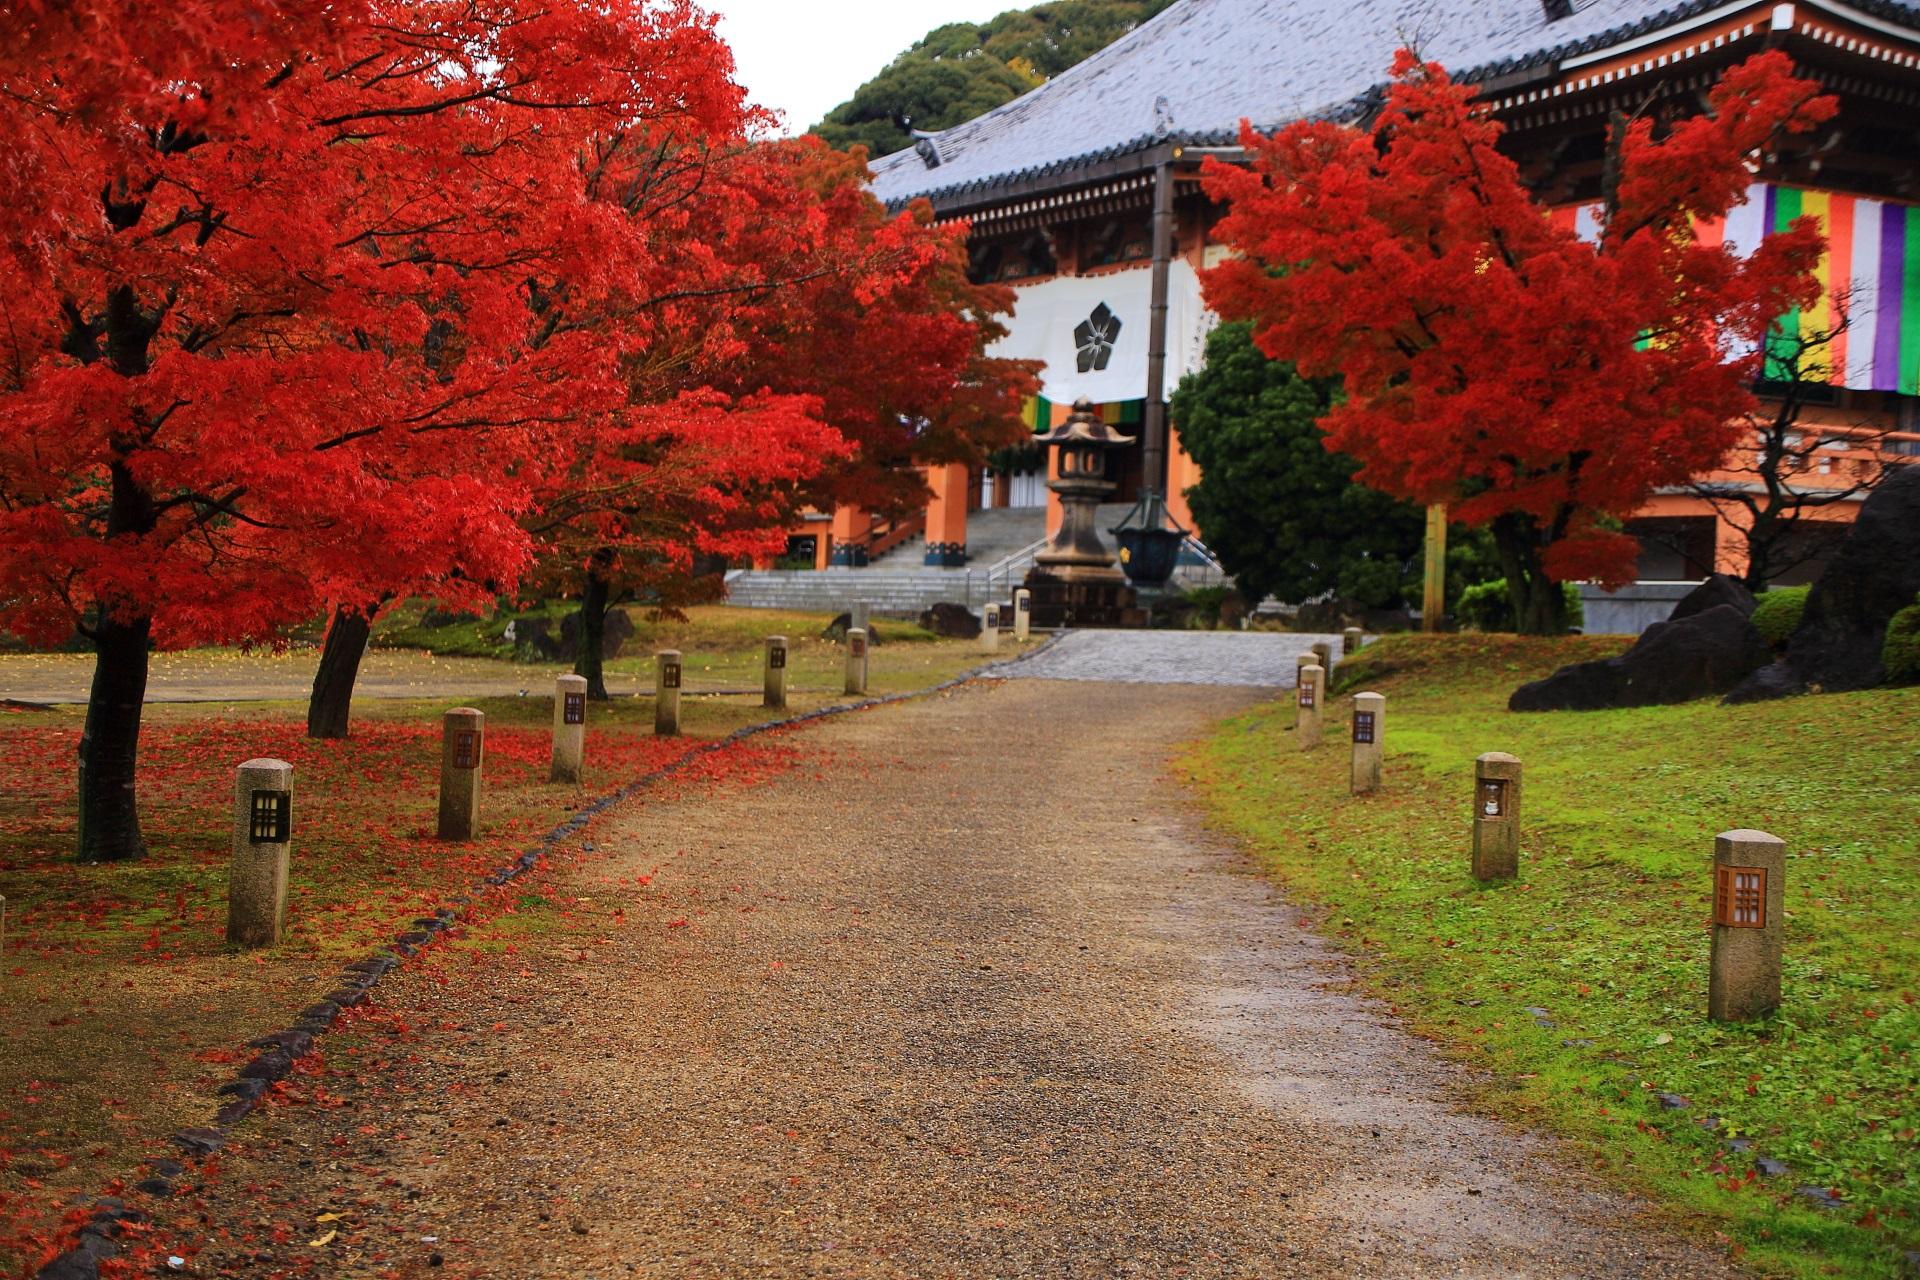 智積院の雄大な金堂を彩る燃えるような赤い紅葉